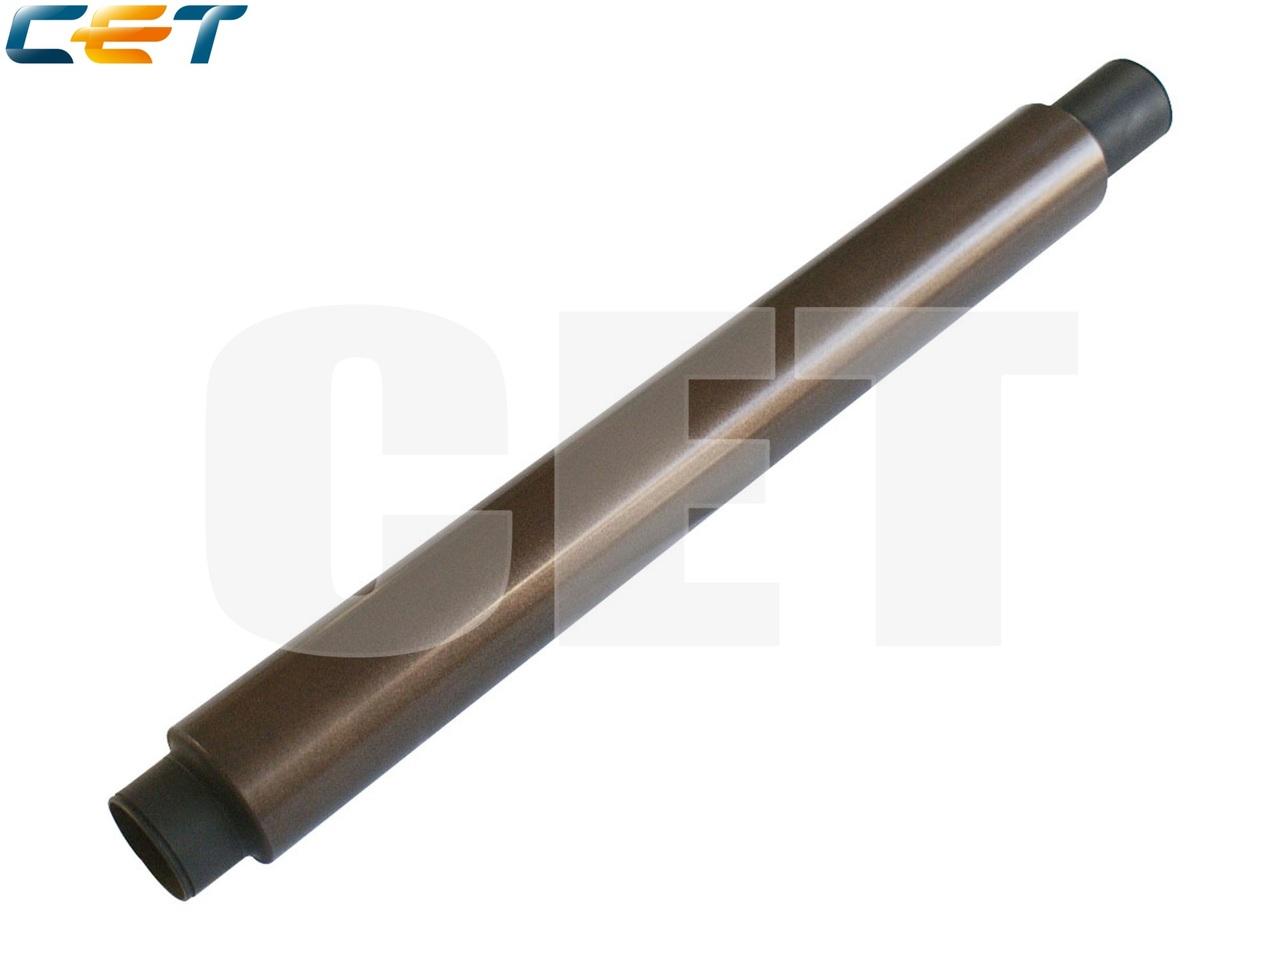 Тефлоновый вал NROLT1821FCZZ, NROLT1821FCZ1 дляSHARP MX-M283N/M363U/M453U/M503U (CET), CET6686